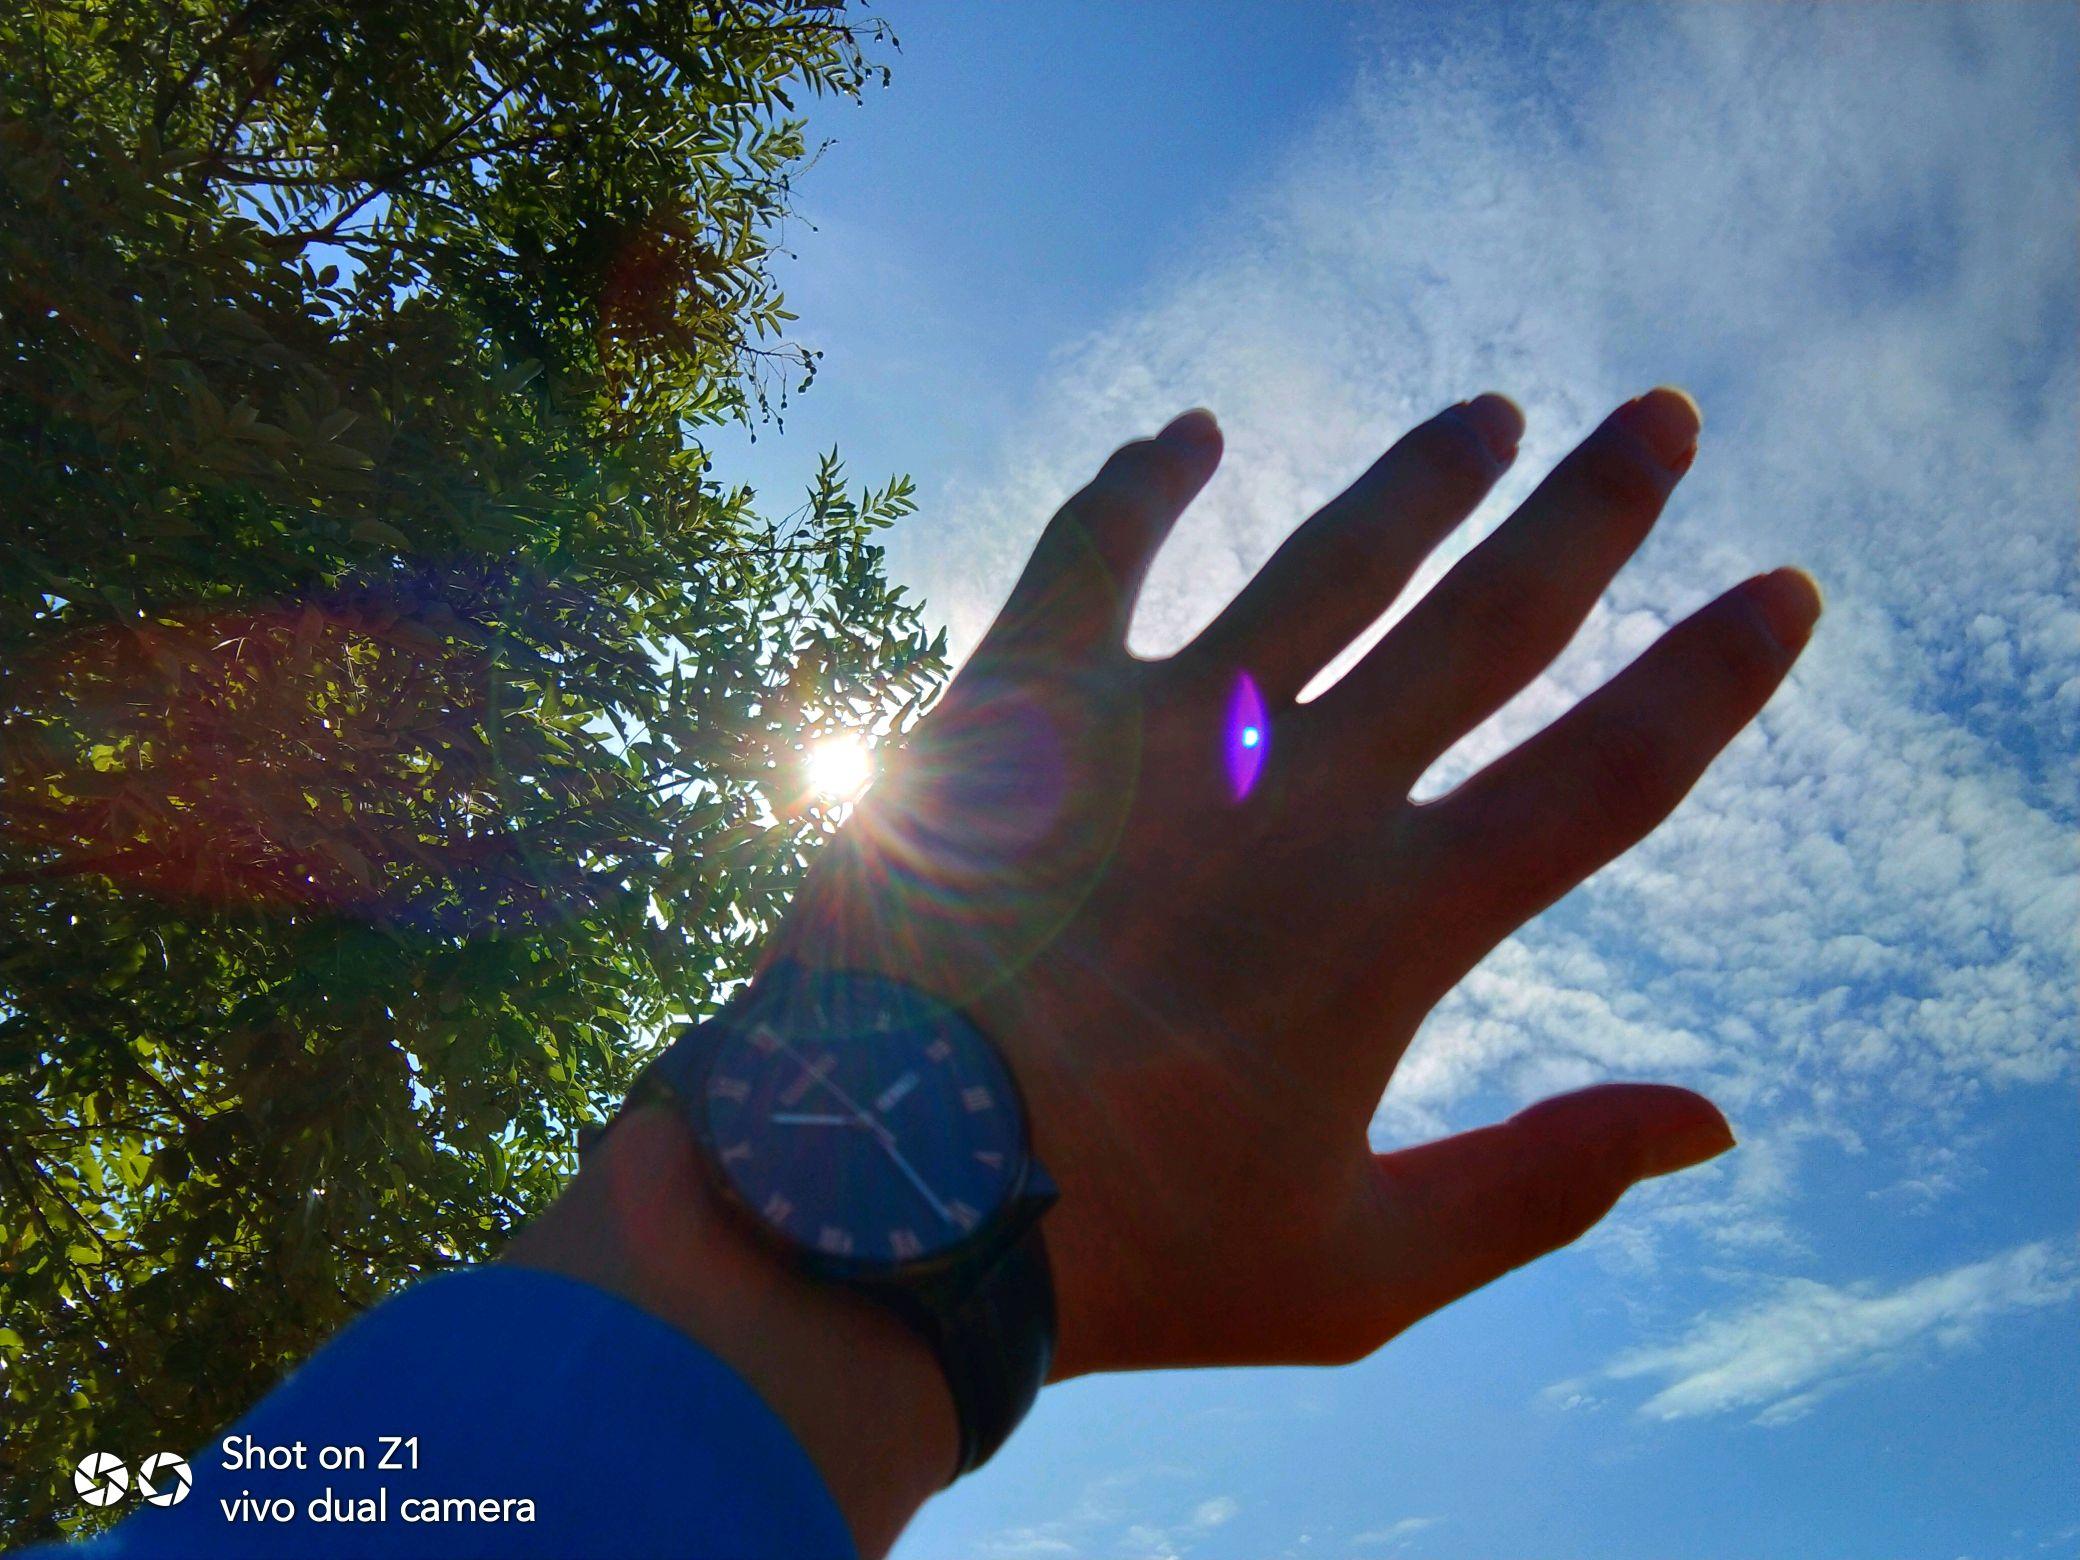 阳光下的手